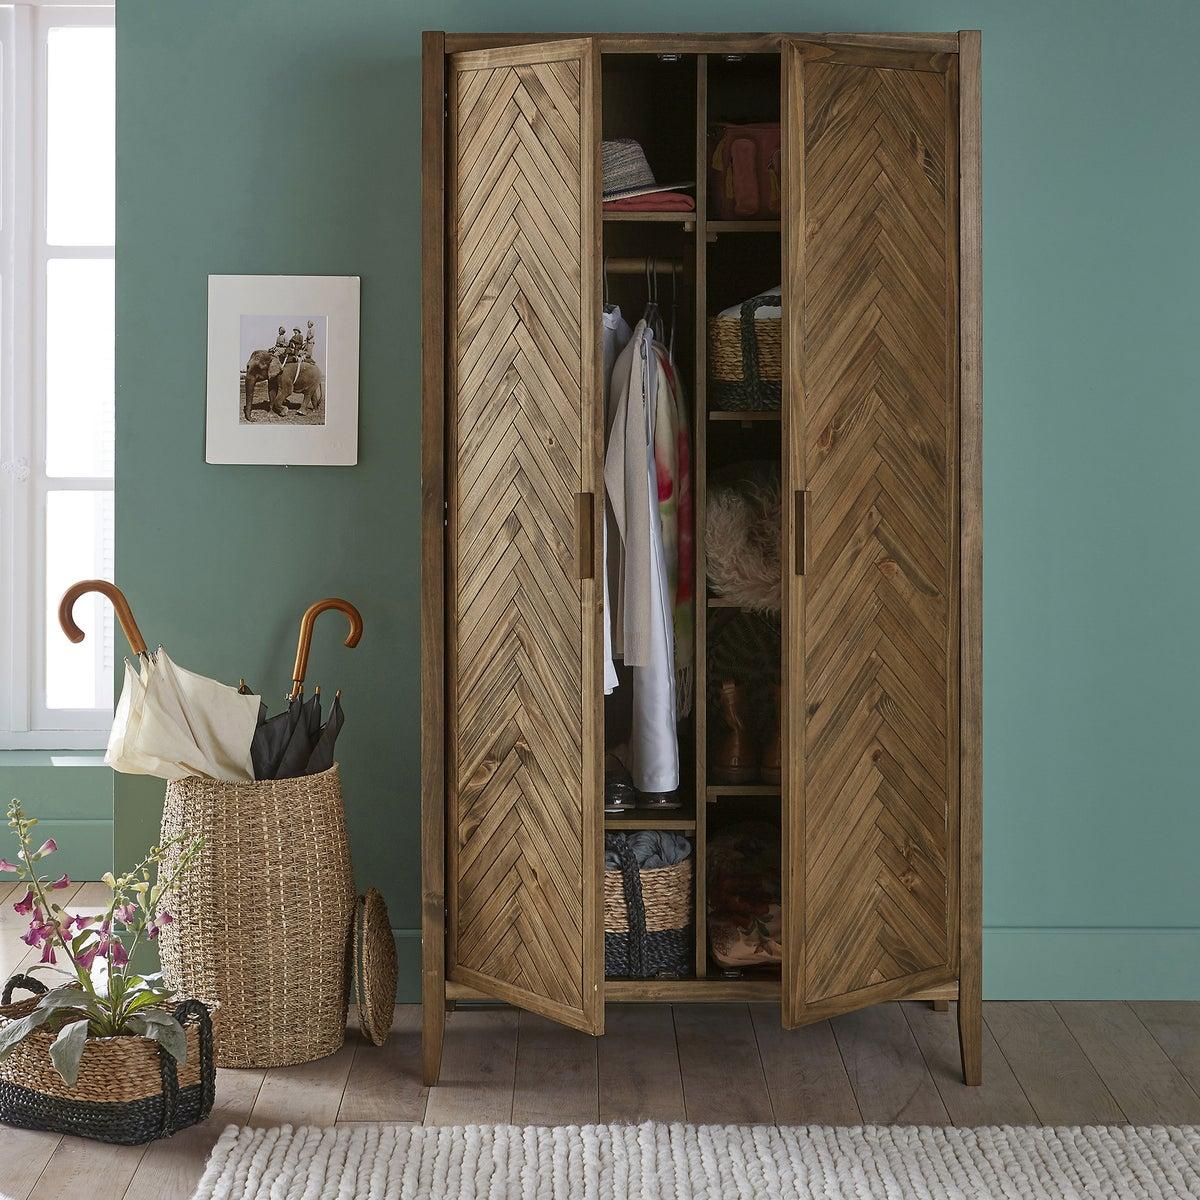 Ambiente de dos puertas con diseño en espiga